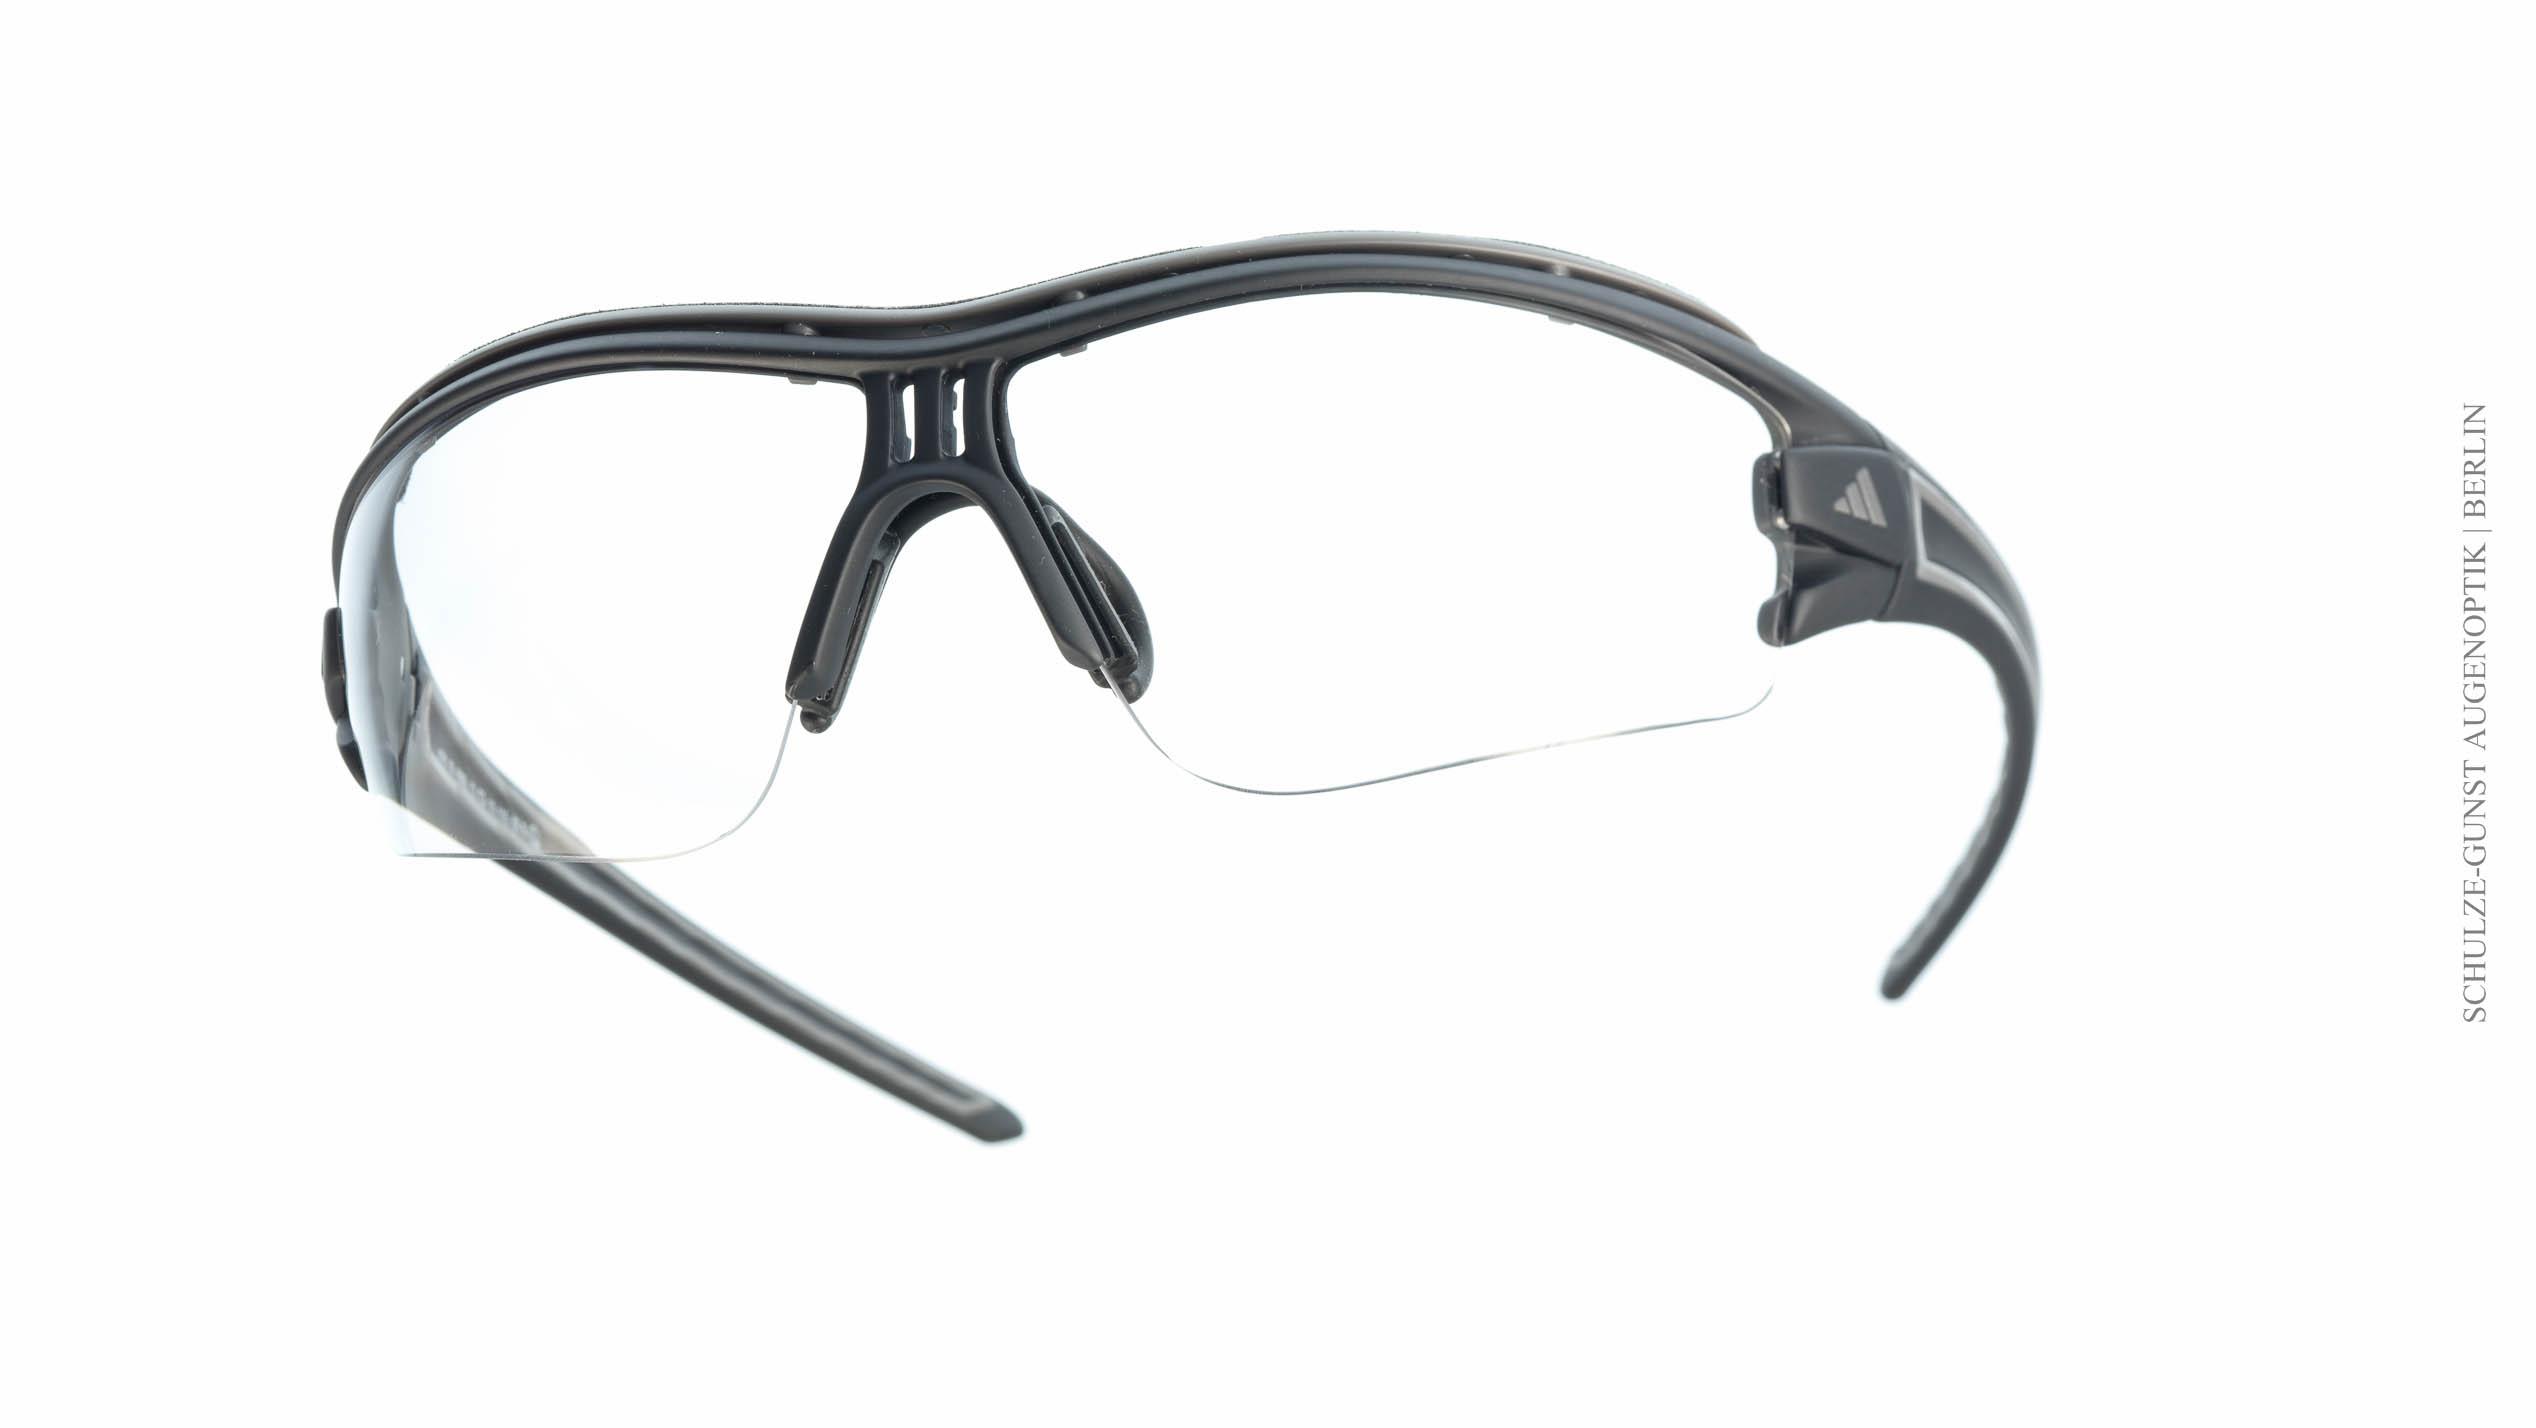 7977-adidas-a181-brillen-kunststoff-spx-sonnenbrille-sportbrille-leicht-modern-sportlich